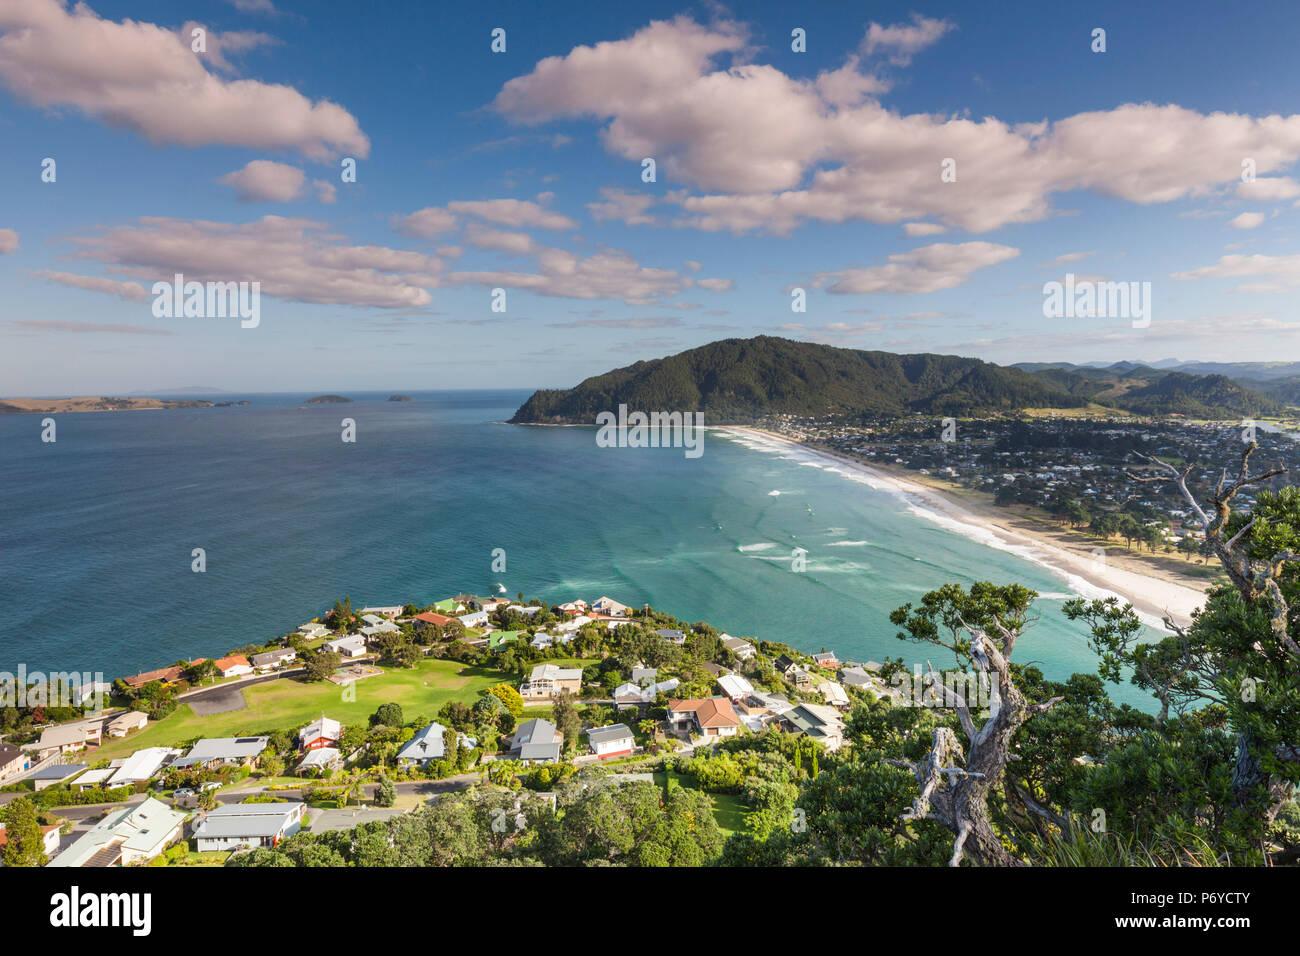 Nueva Zelanda, el norte de la isla, península Coromandel, Tairua, niveles elevados de vista de Pauanui desde Paaku Hill Imagen De Stock